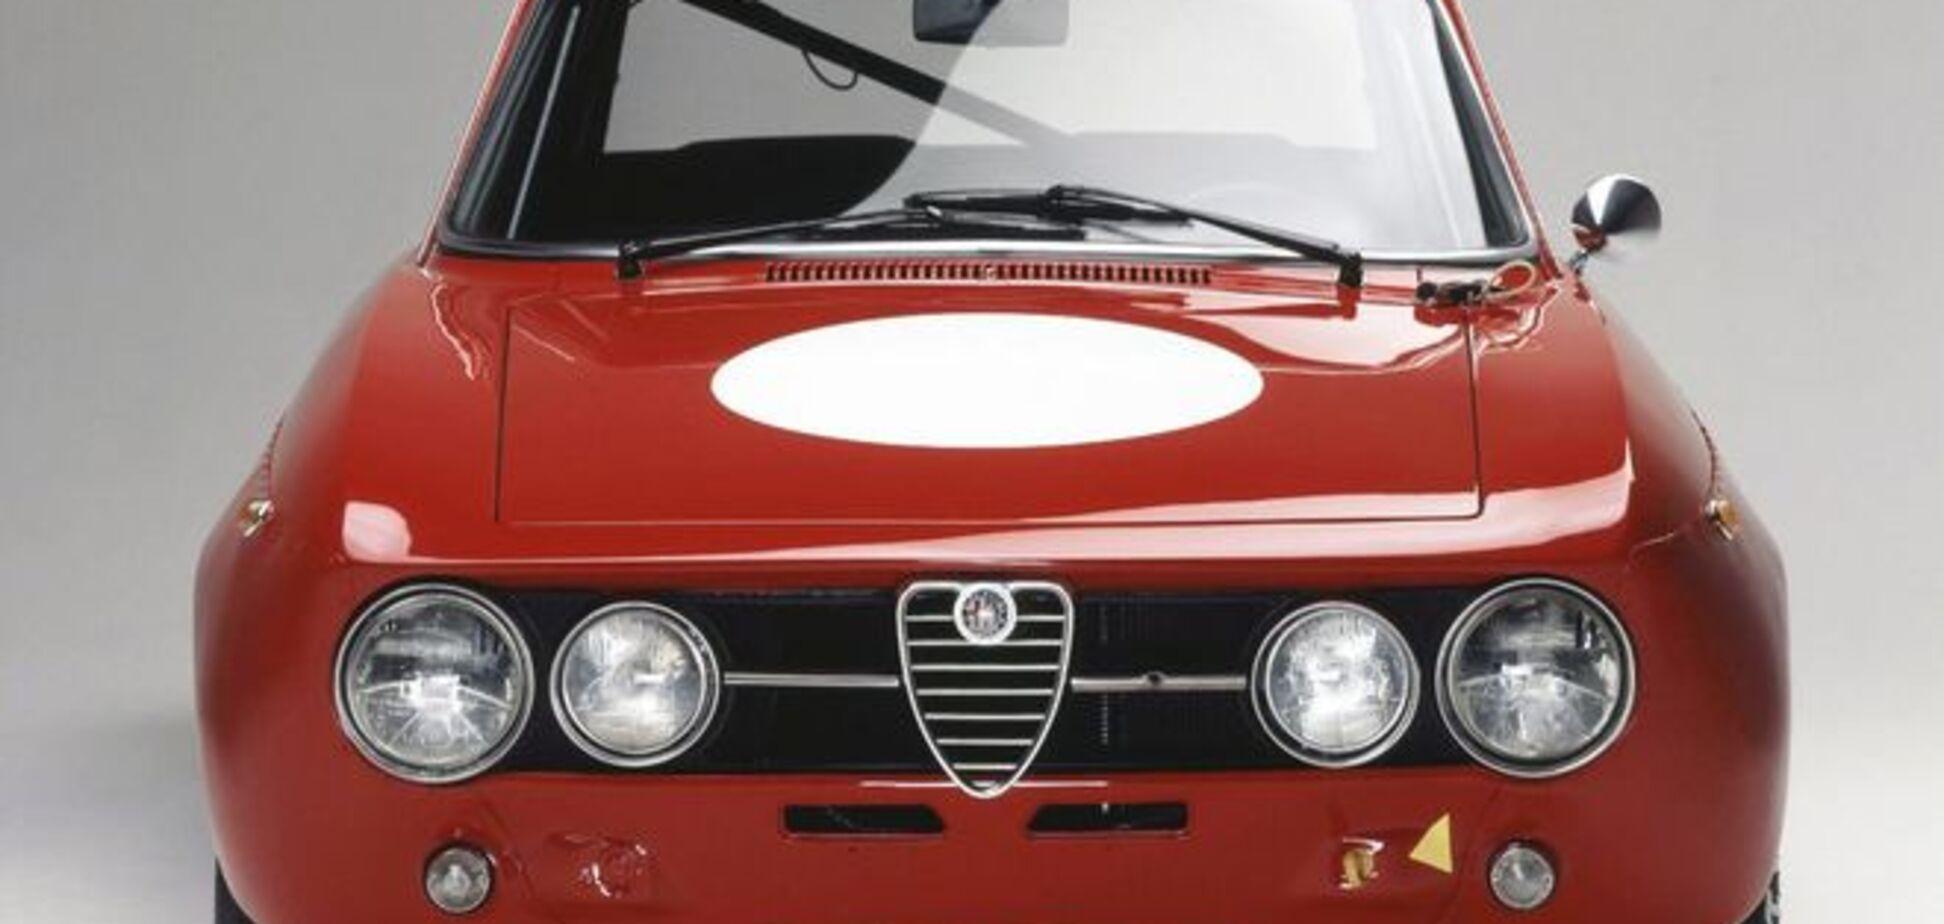 Alfa Romeo будет конкурировать с BMW, Audi и Mercedes-Benz